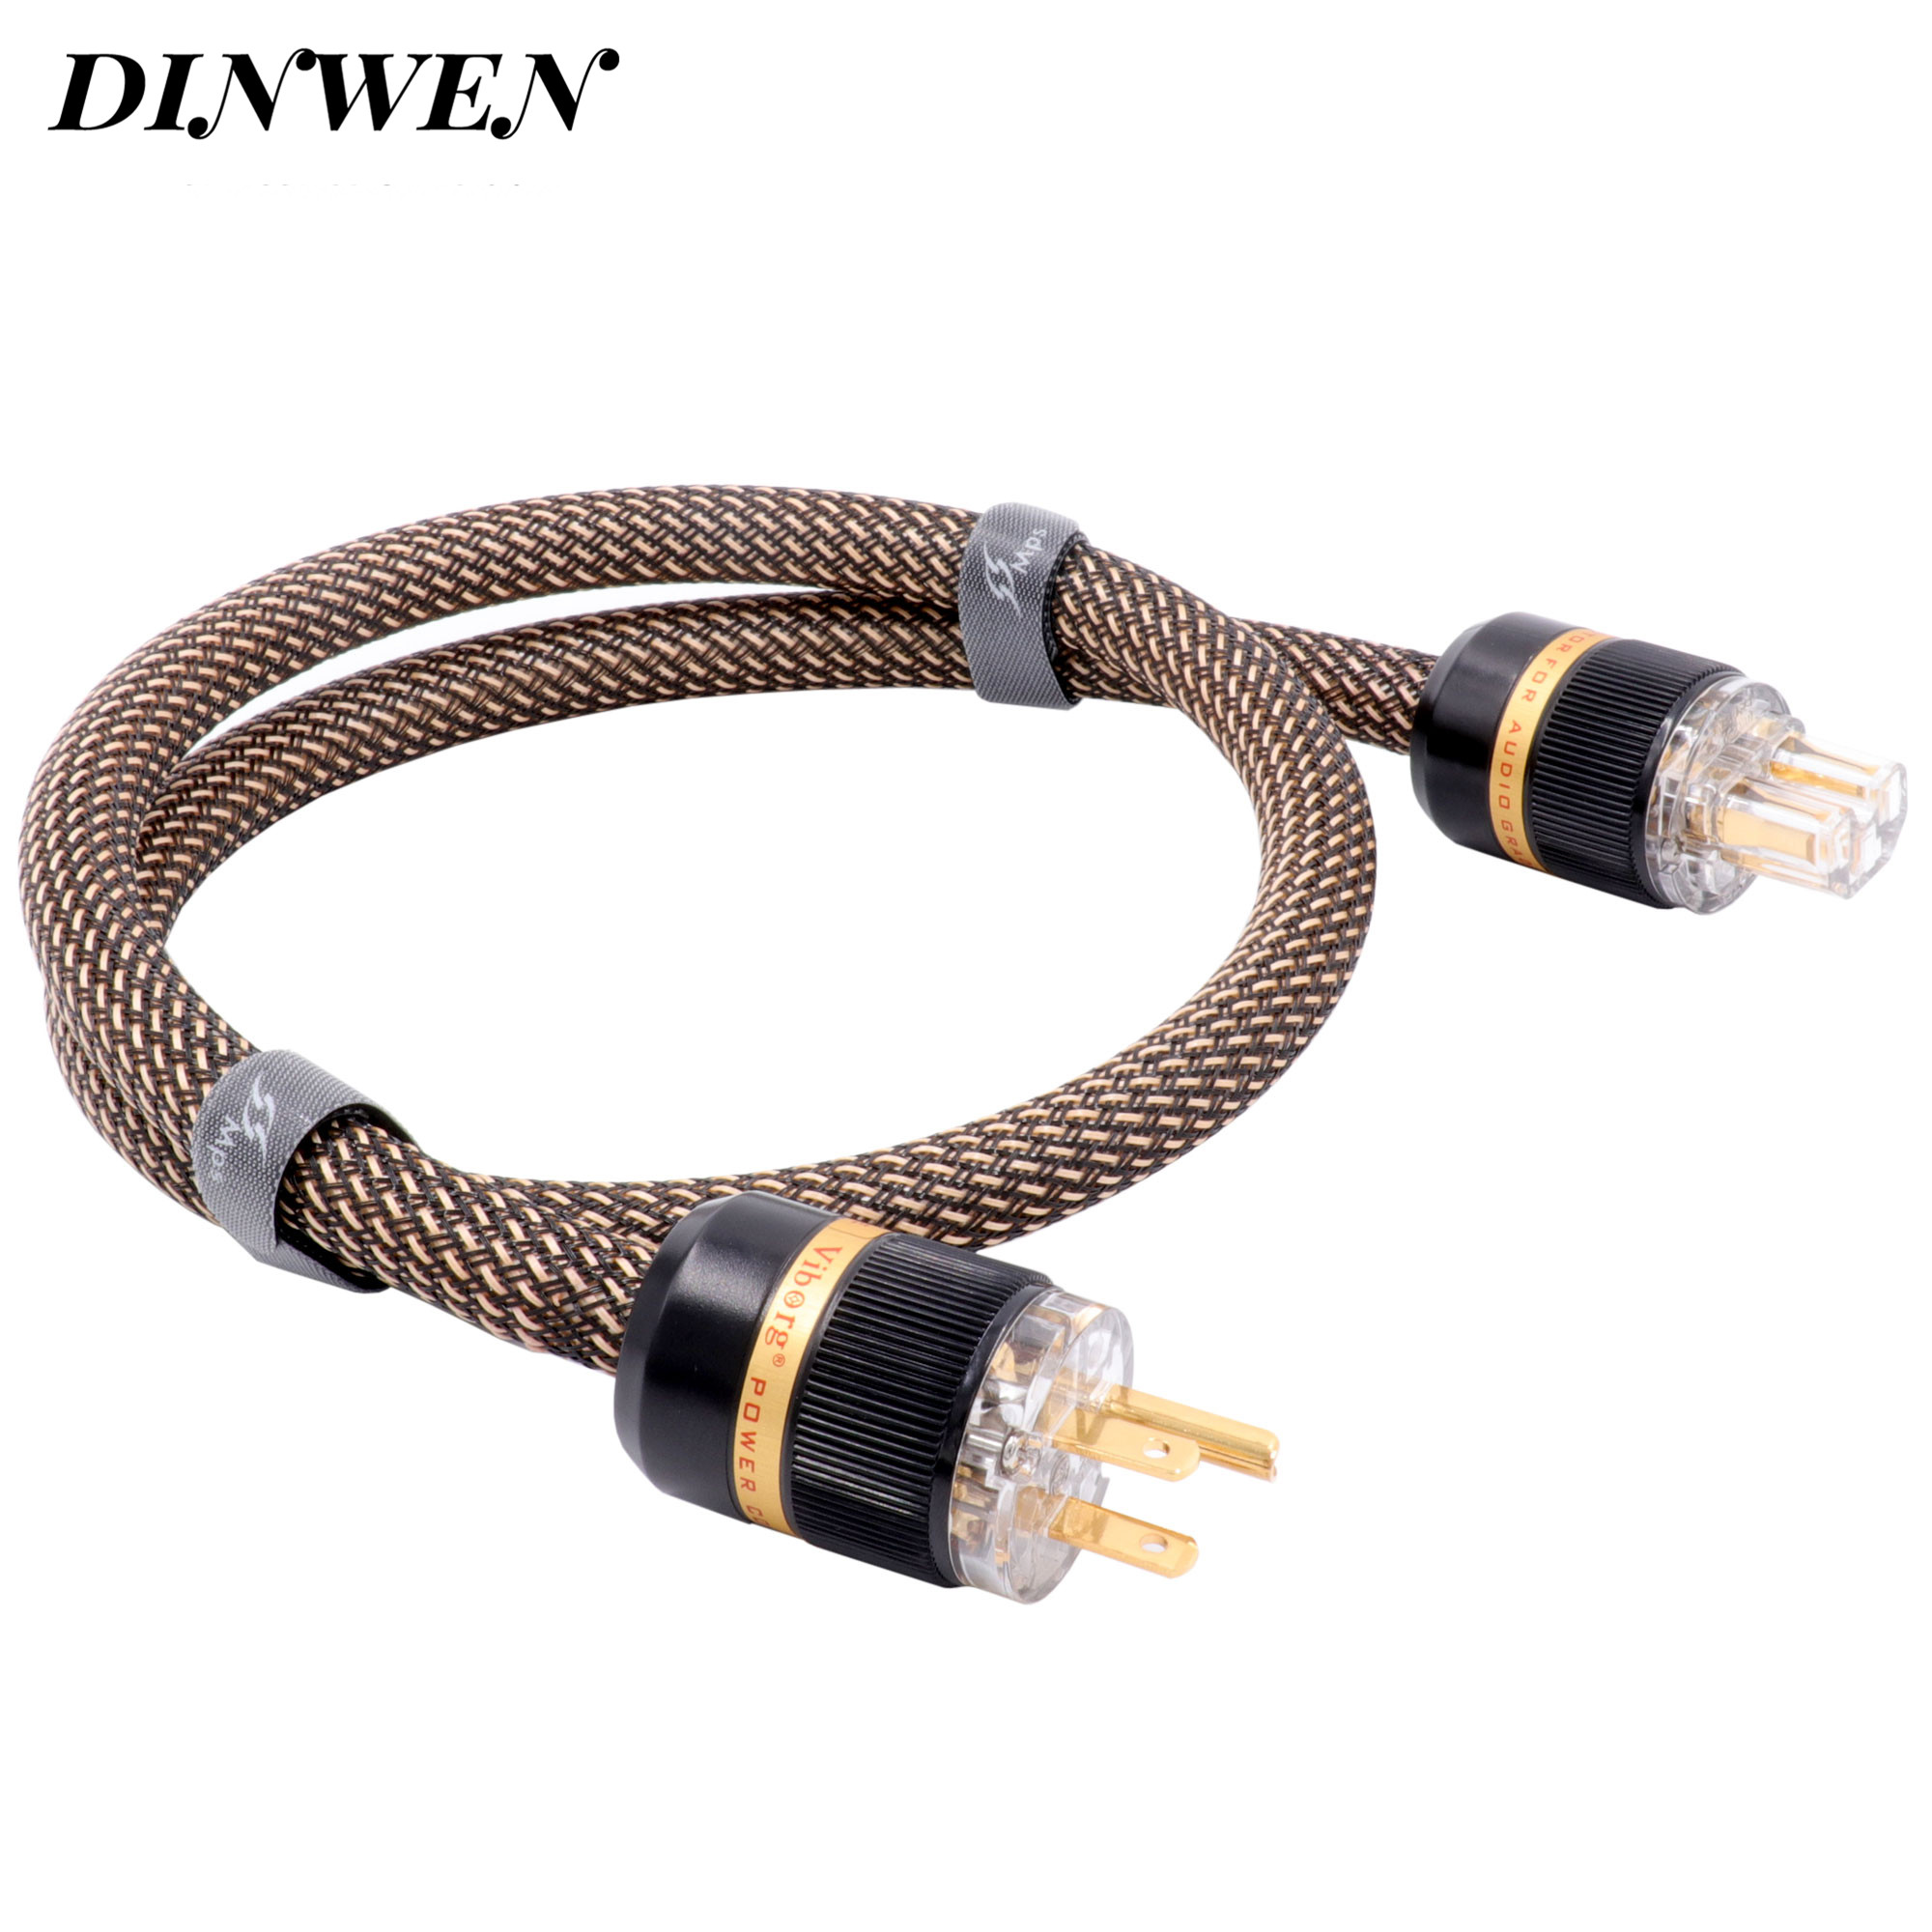 MPS 6N OCC câble d'alimentation ca cordon US connecteurs d'alimentation AC125V 15A Hifi Audio bricolage DVD amplificateur haut de gamme cordon d'alimentation fil 1 PC/Lot